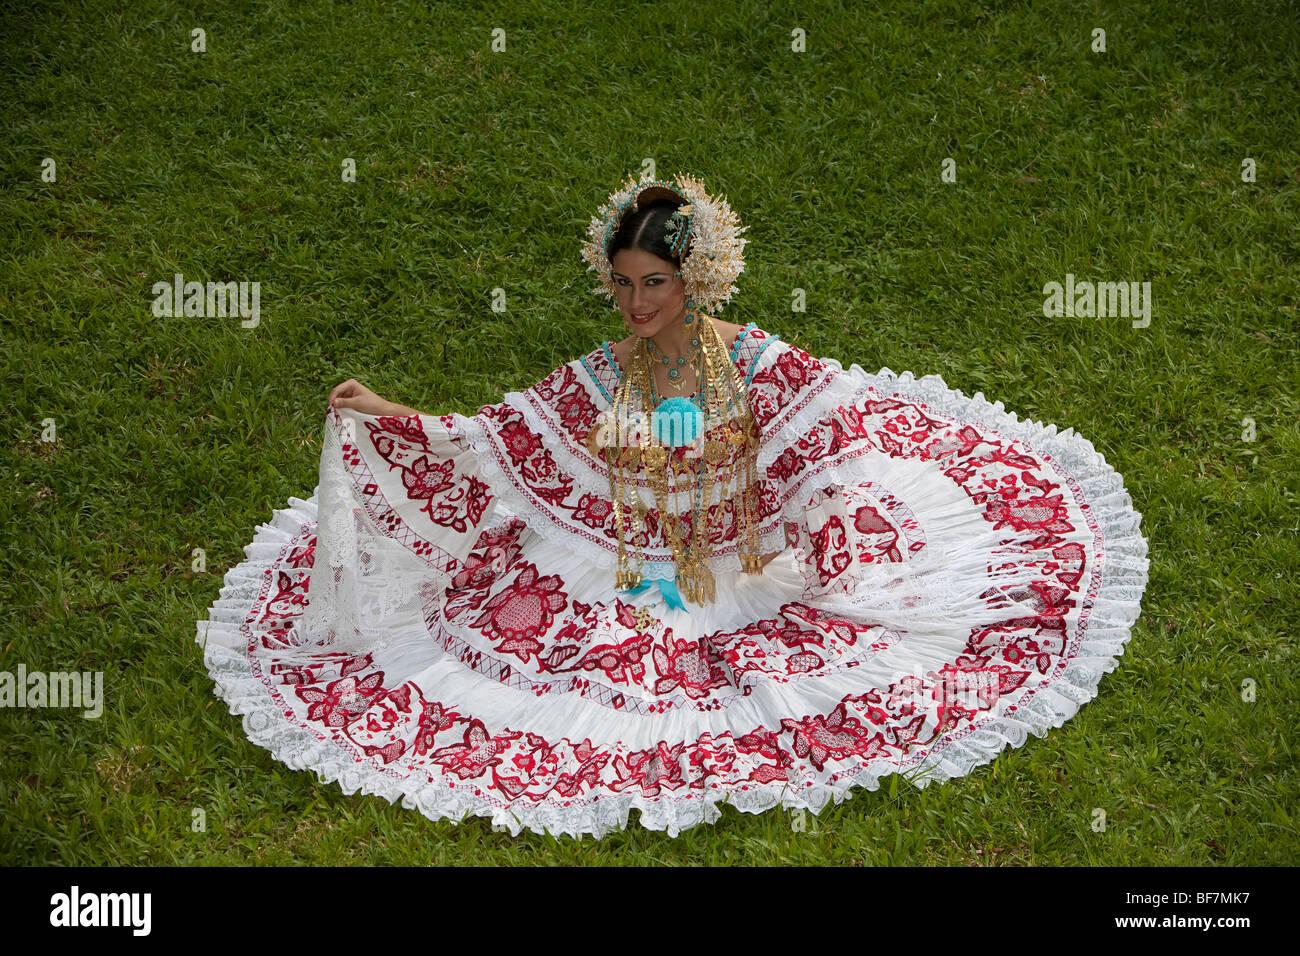 La Pollera, el traje típico de Panamá. La pollera, traje tipico de Panama. Imagen De Stock